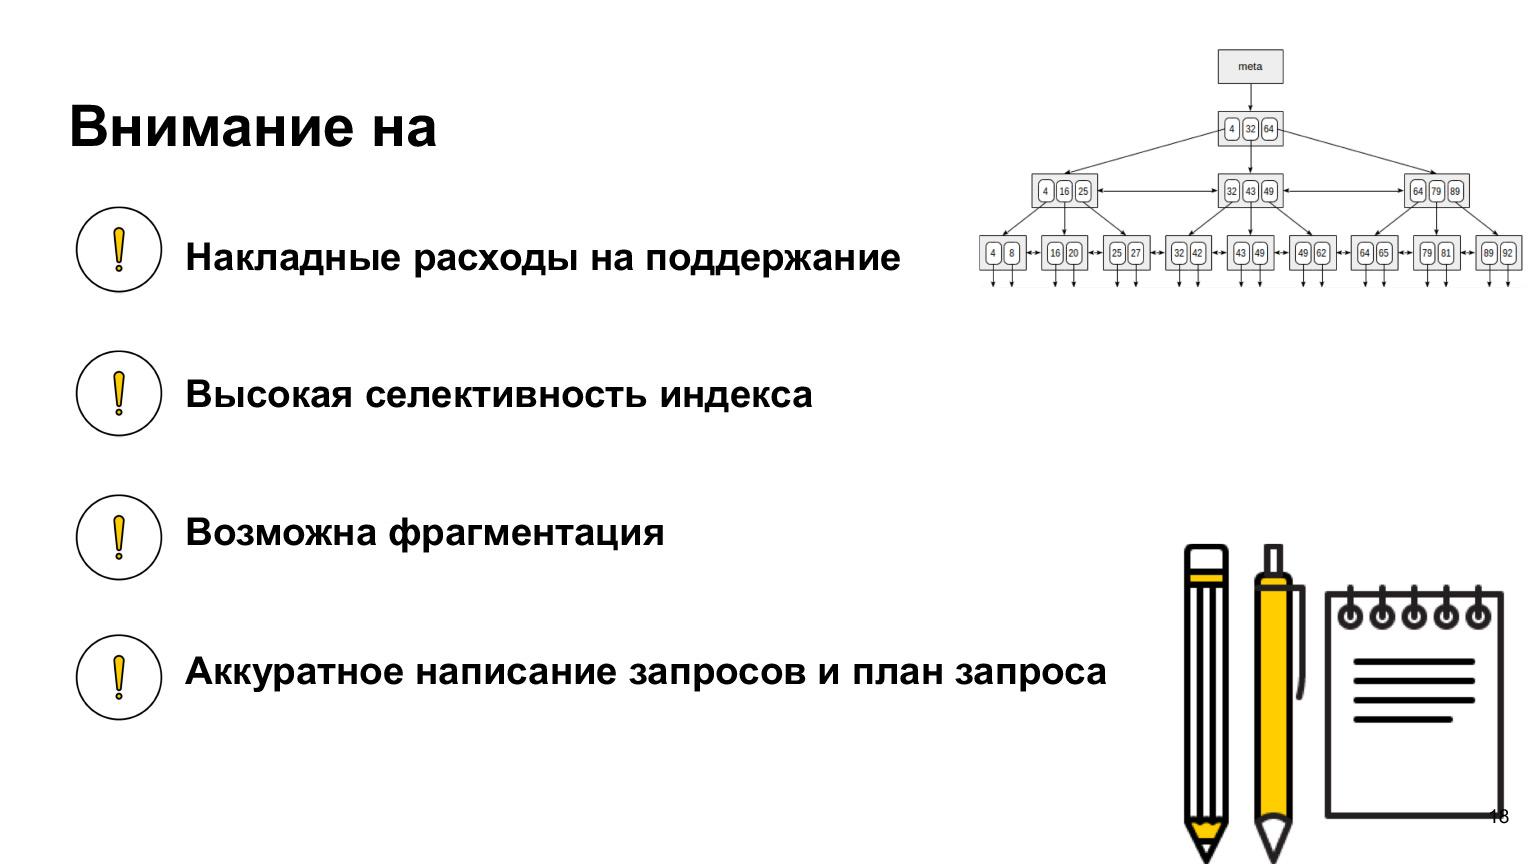 Базы данных: большой обзор типов и подходов. Доклад Яндекса - 13